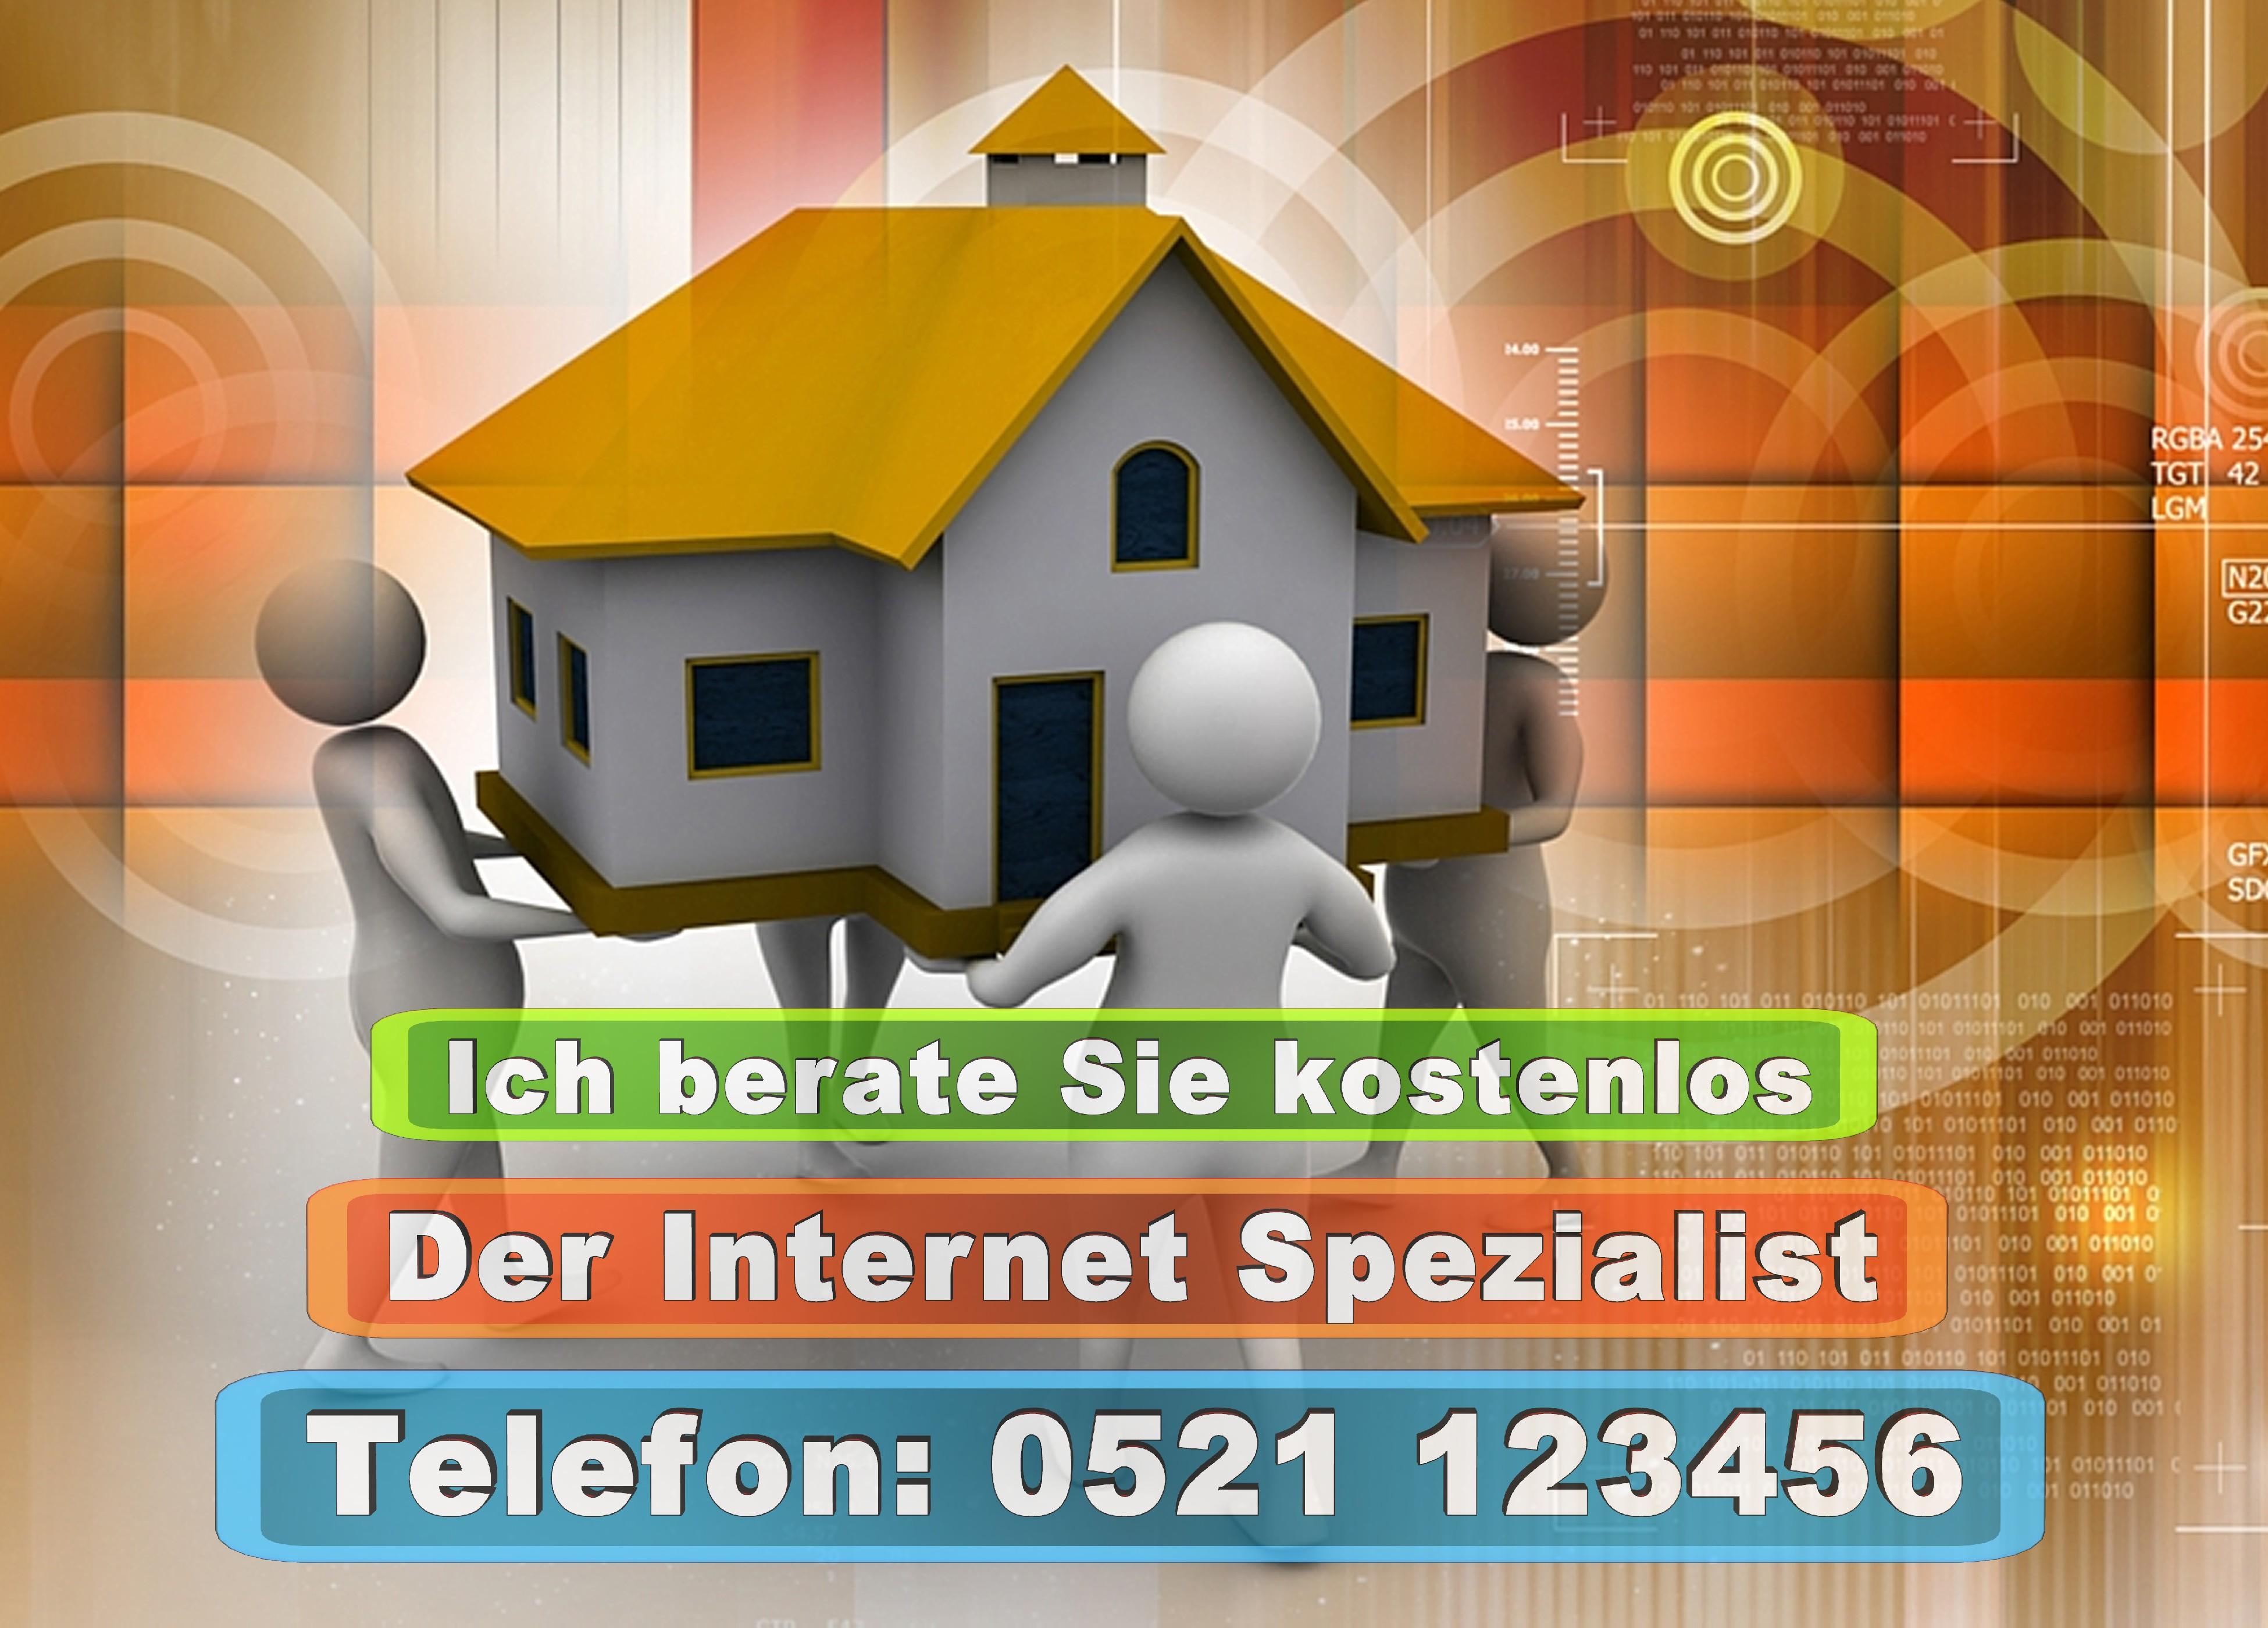 Werbeagentur Bielefeld Druckerei Bielefeld Prospekte Zeitung Visitenkarten Poster Werbung Print Presse Druck Fotografie Fotos Internet (3)